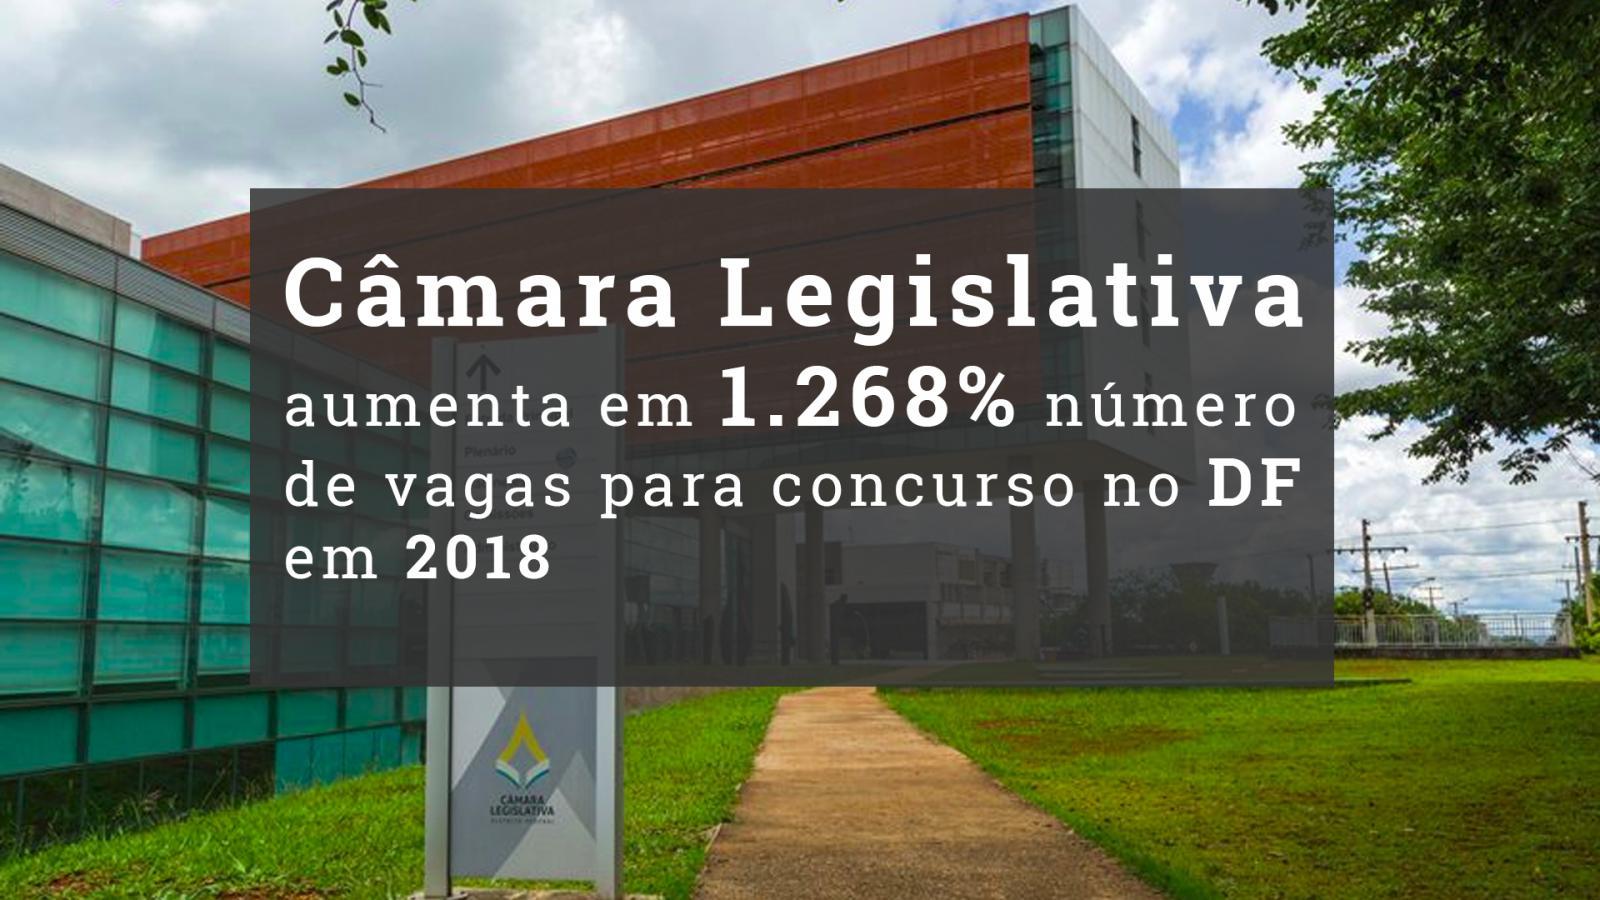 Câmara Legislativa aumenta em 1.268% número de vagas para concurso no DF em 2018